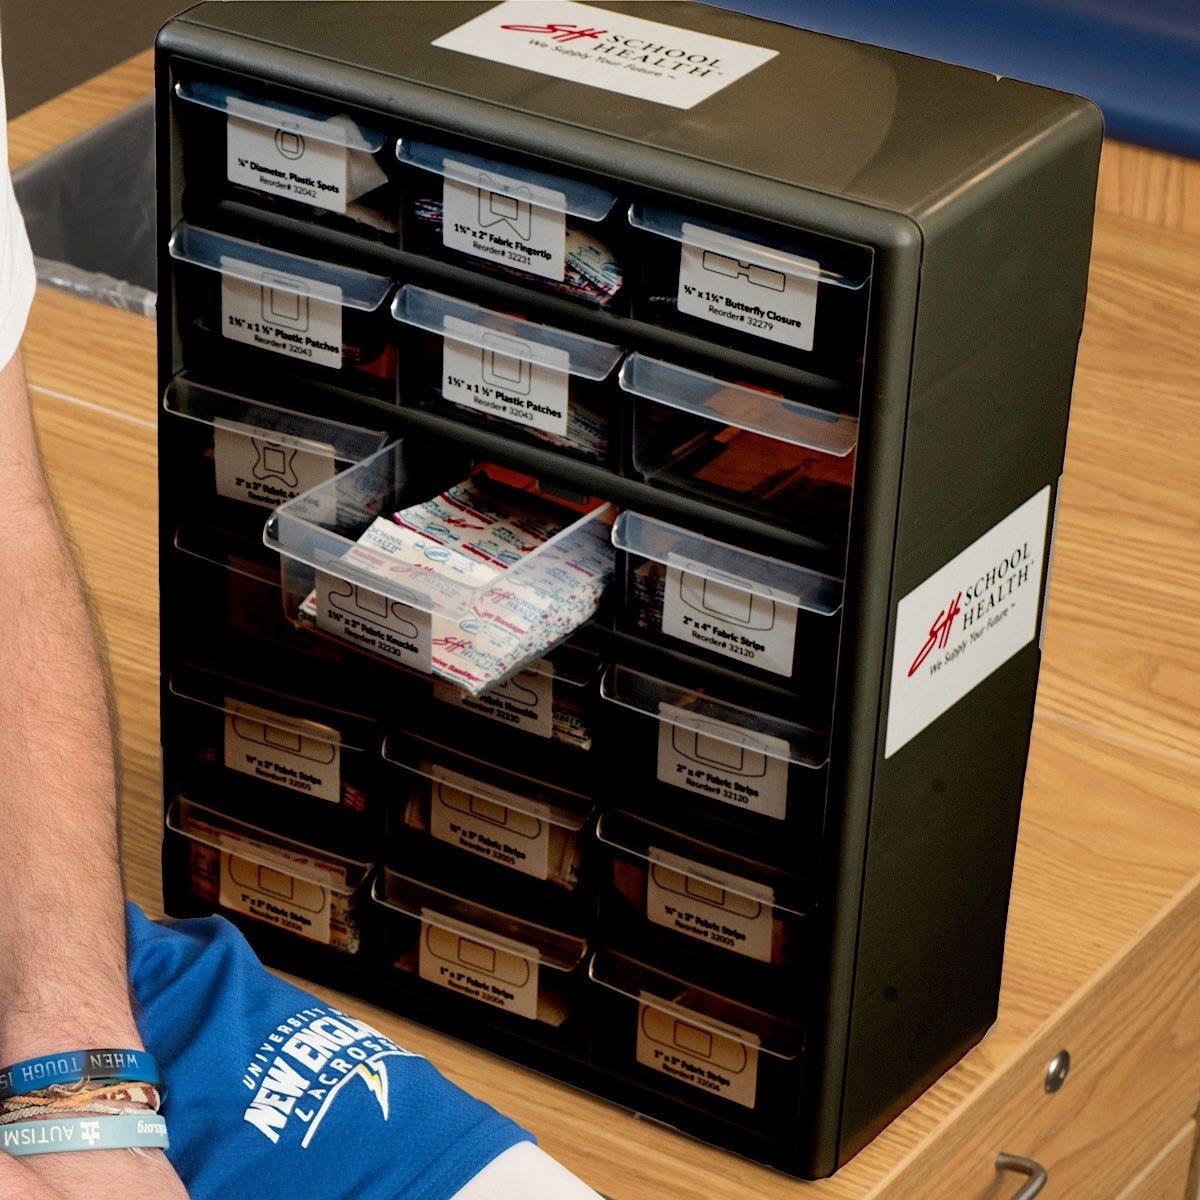 School Health Adhesive Bandage Cabinets